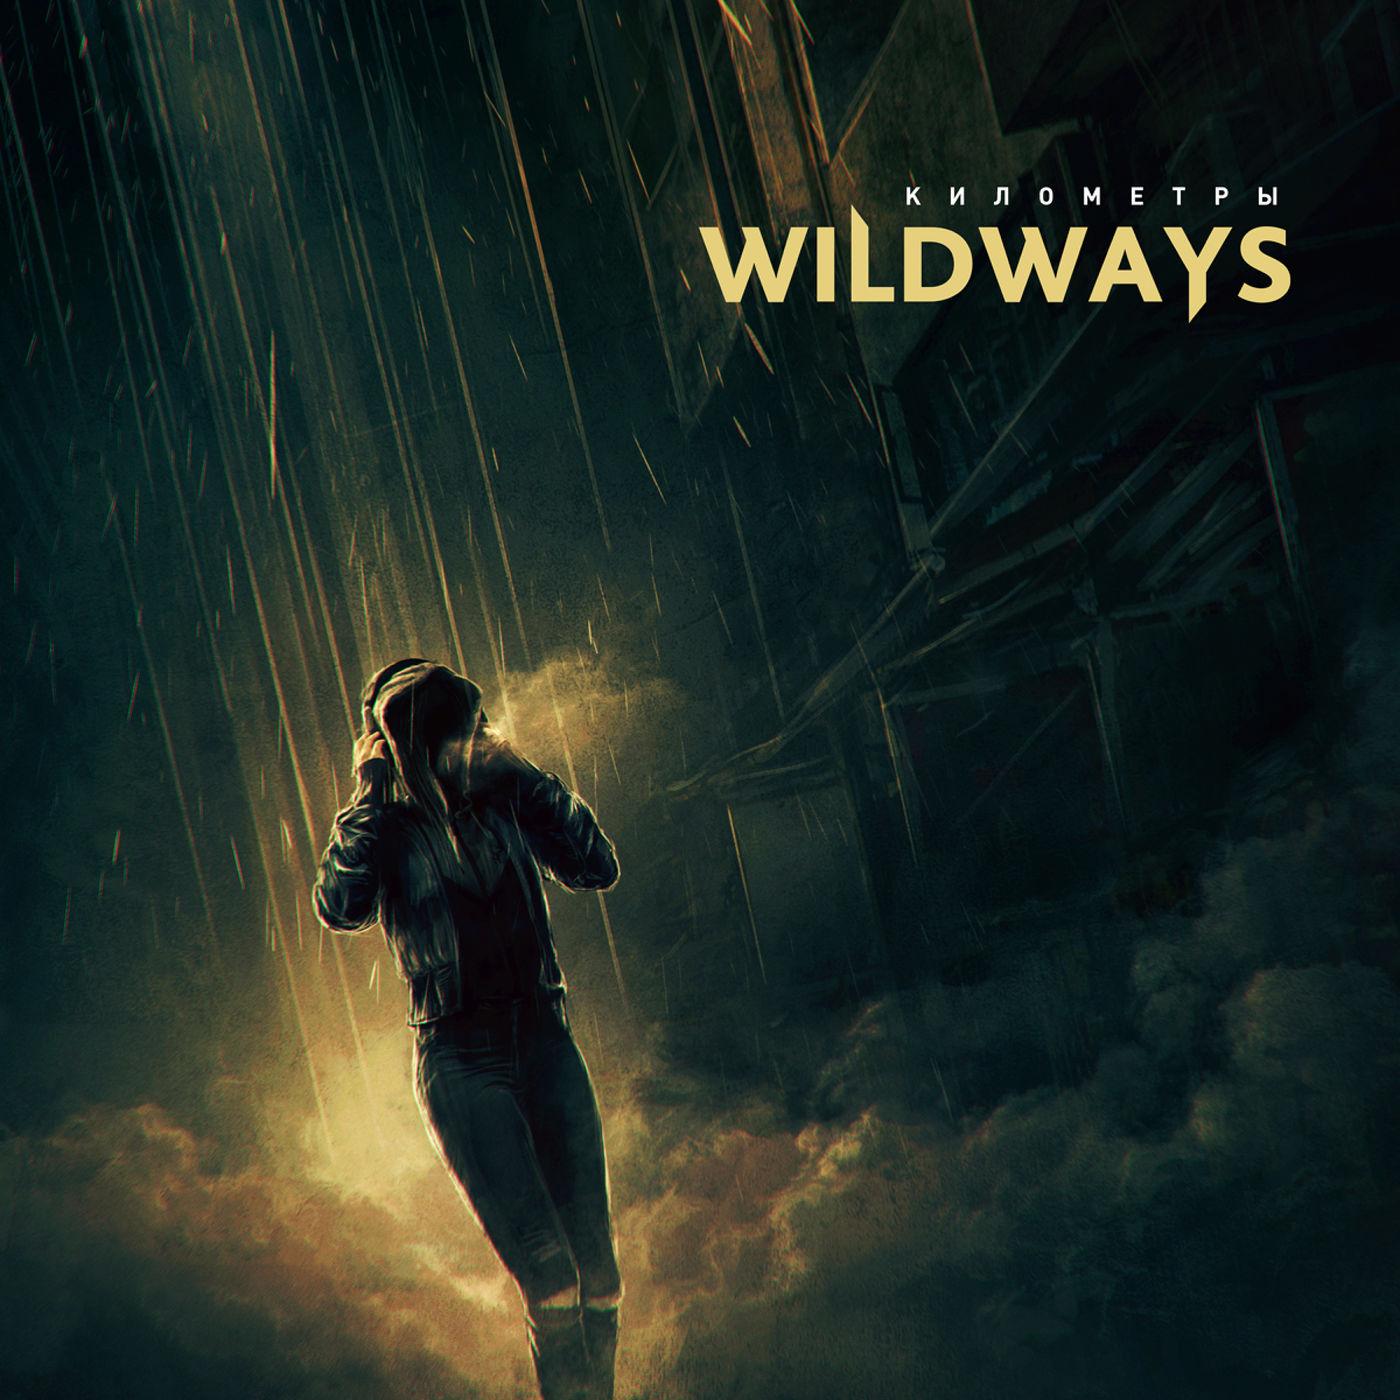 Wildways - Километры [single] (2019)